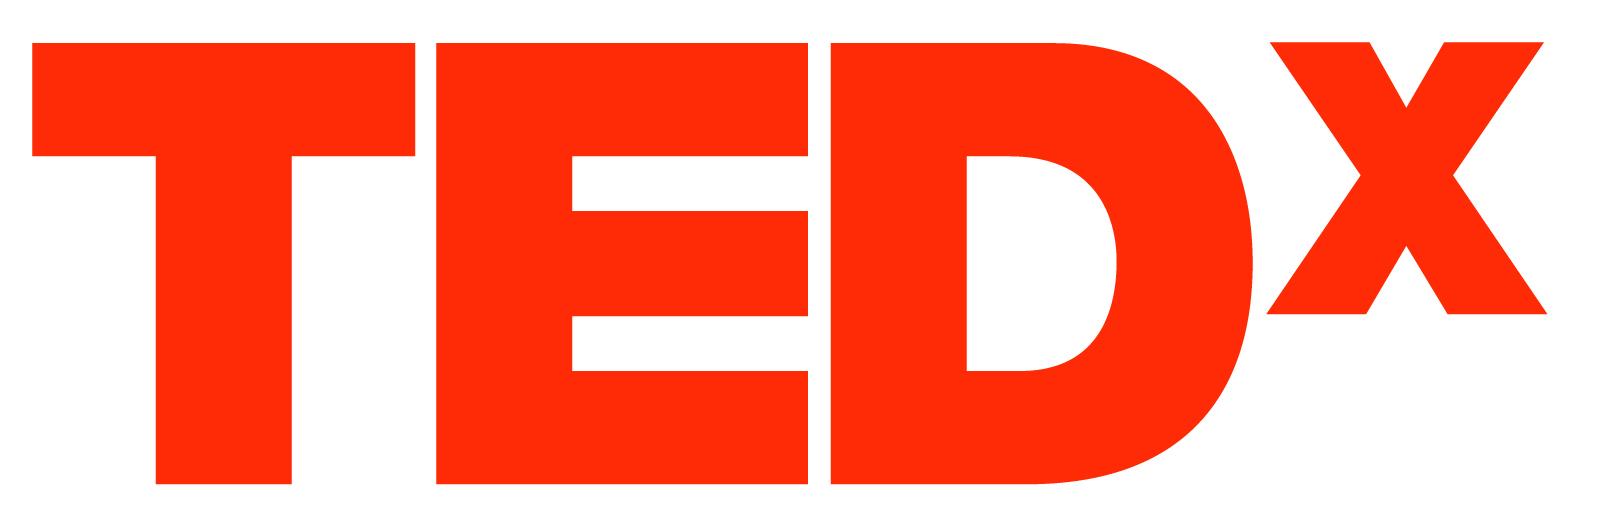 TEDx Islamabad, Pakistani news, Education, Entrepreneurship